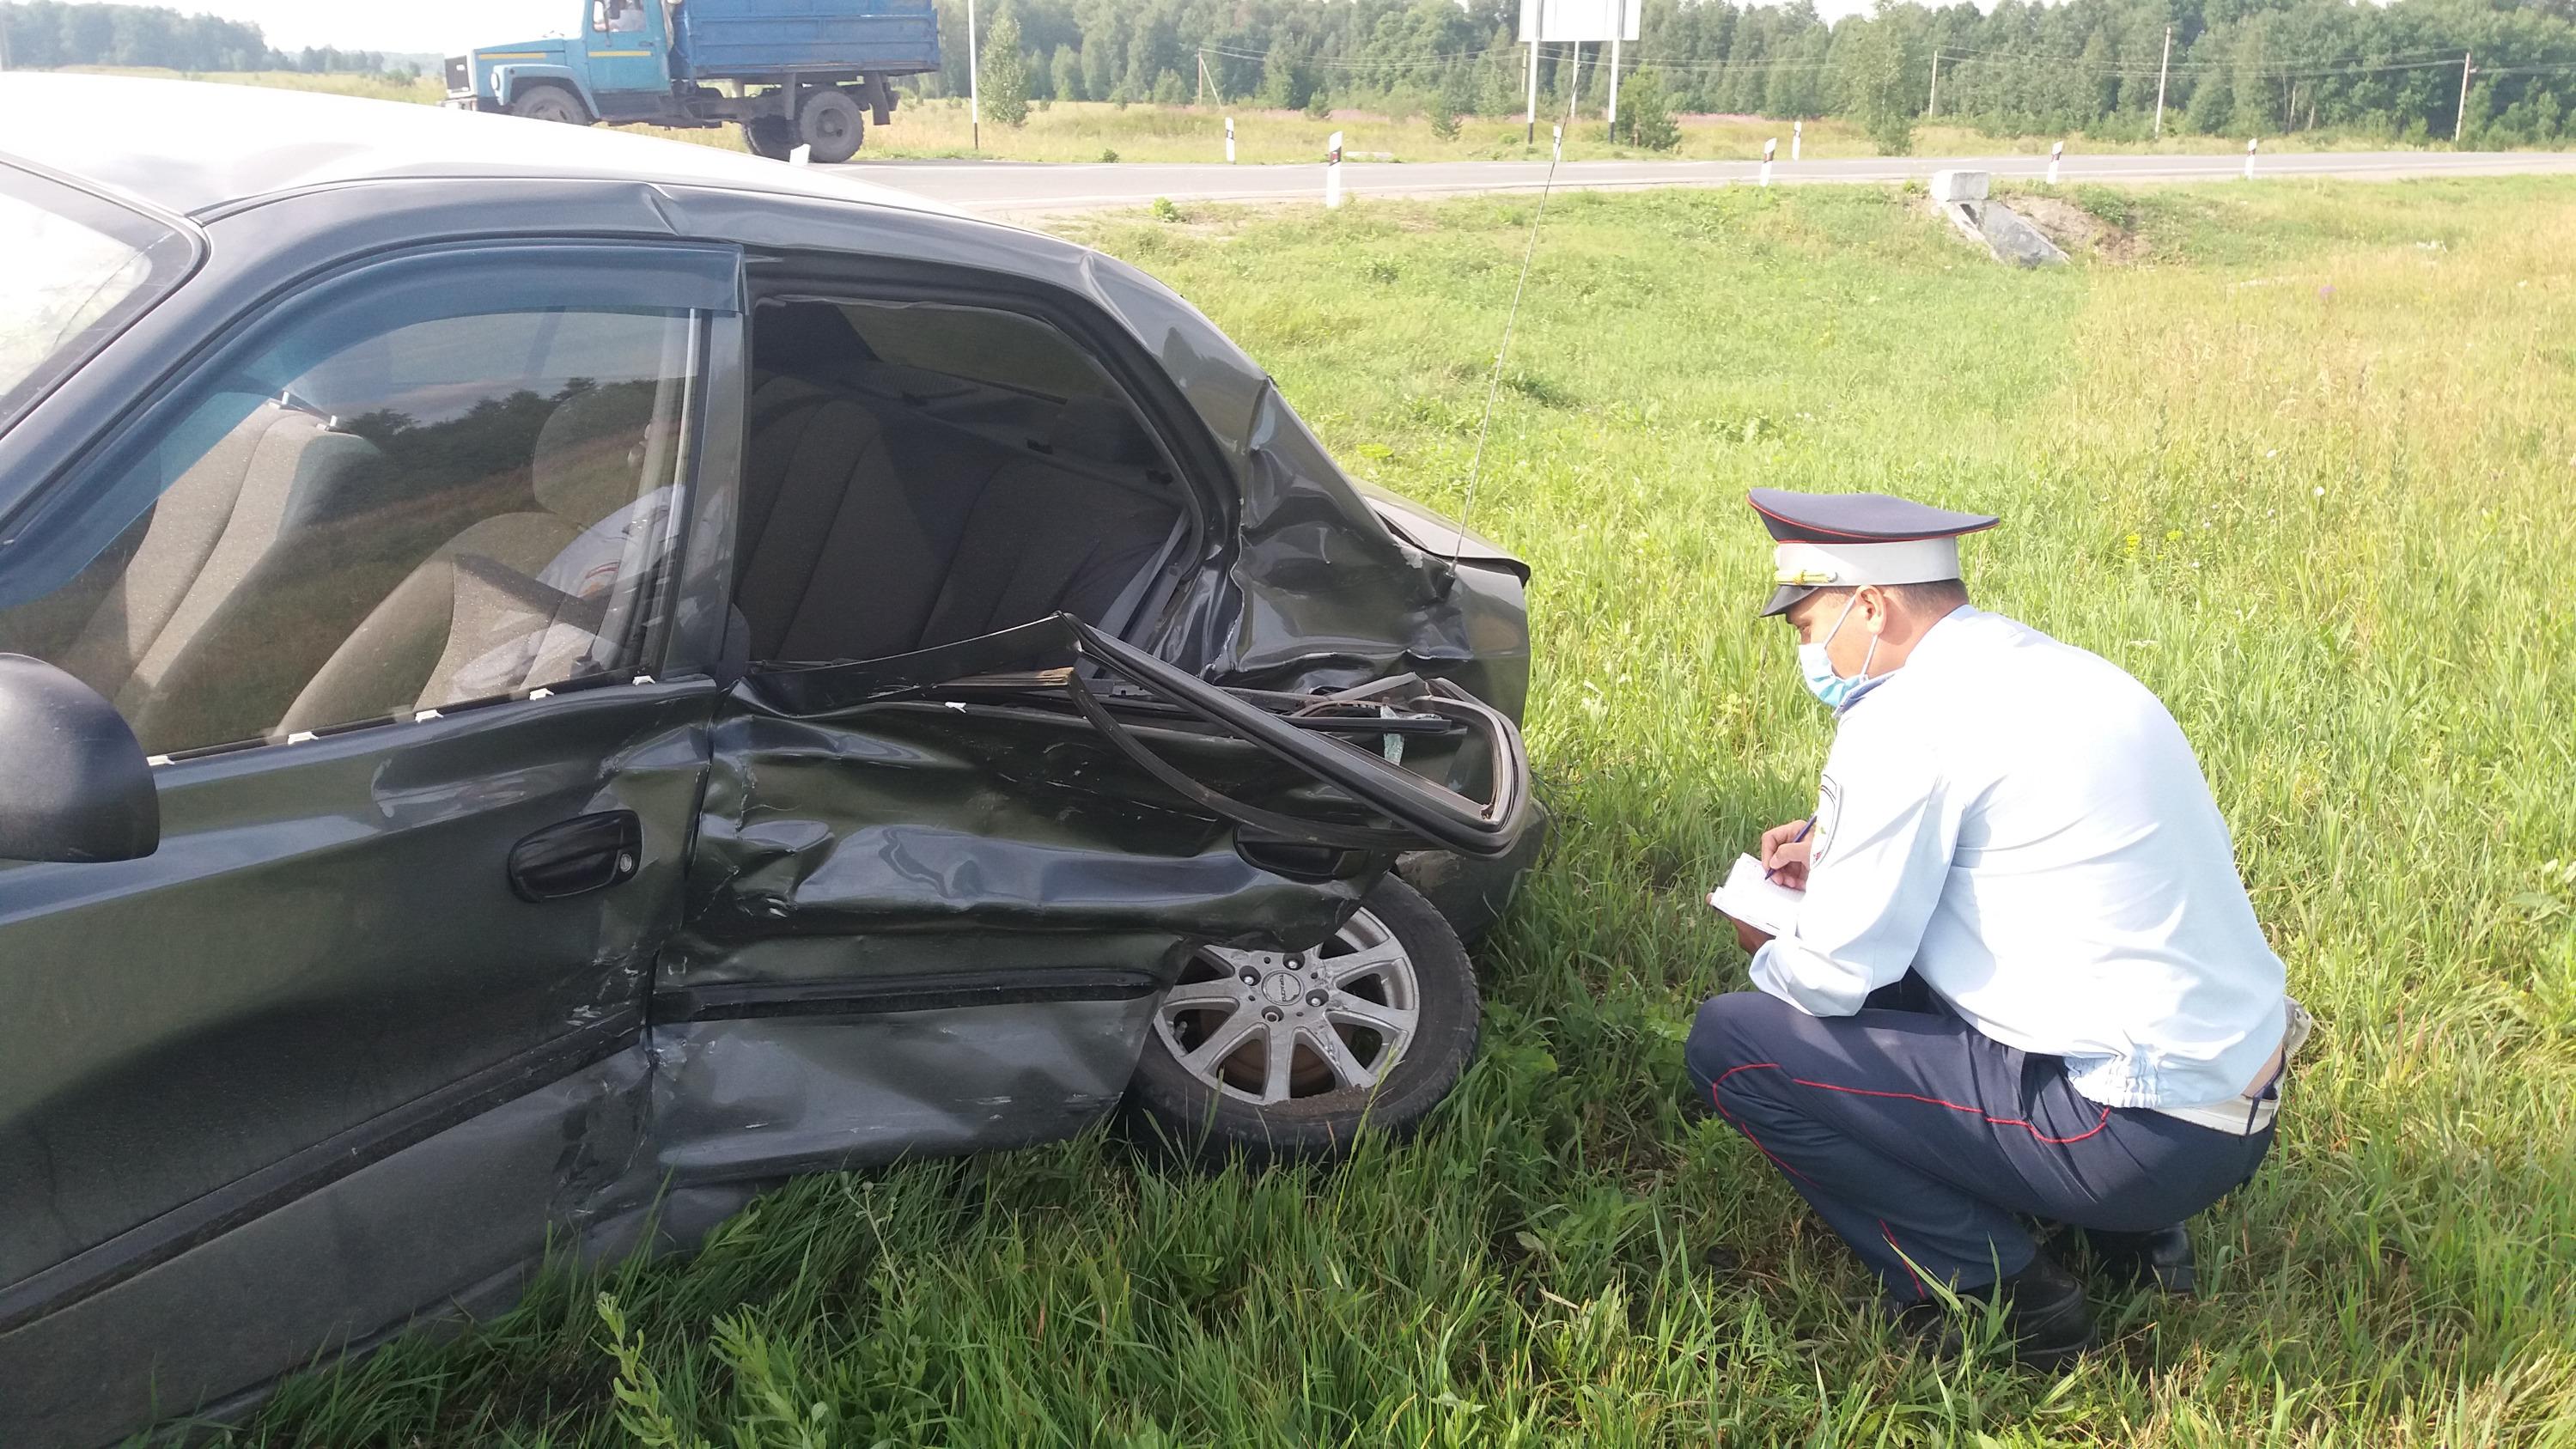 Удар пришелся в левую пассажирскую дверьHyundai Accent